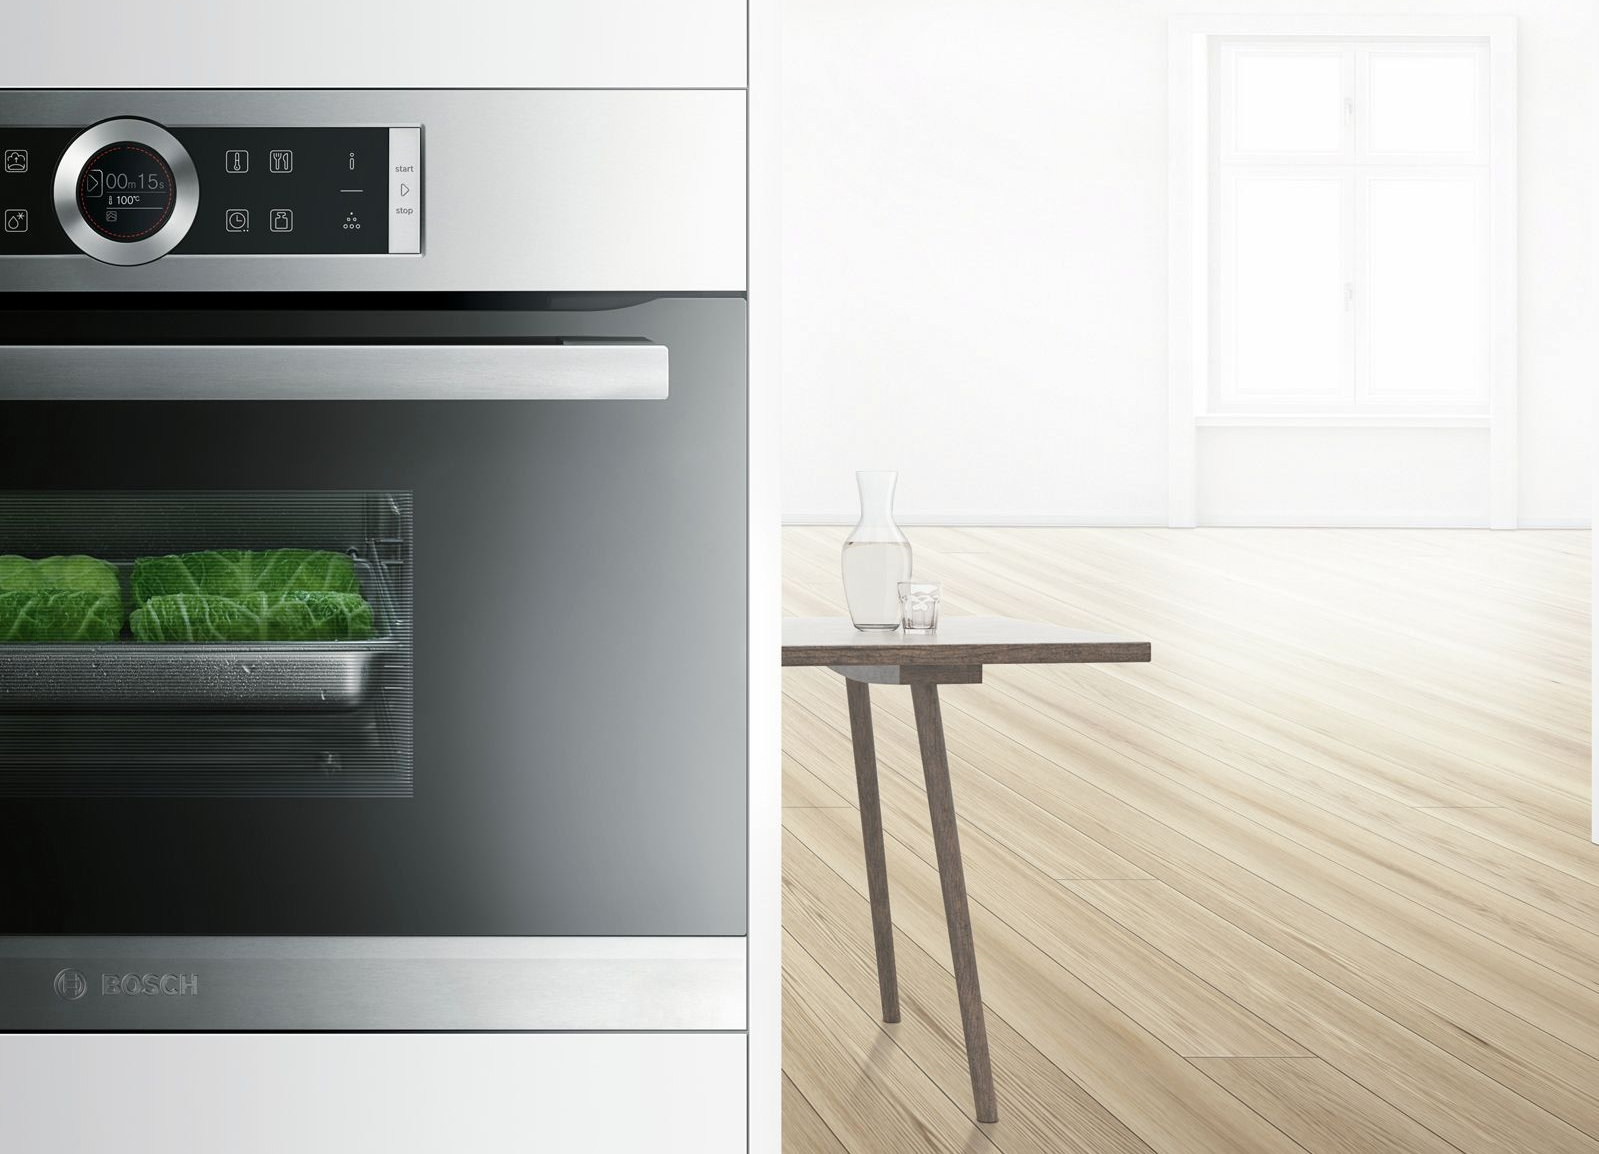 Keuken schoonmaken tips: oven schoonmaken – Bosch oven